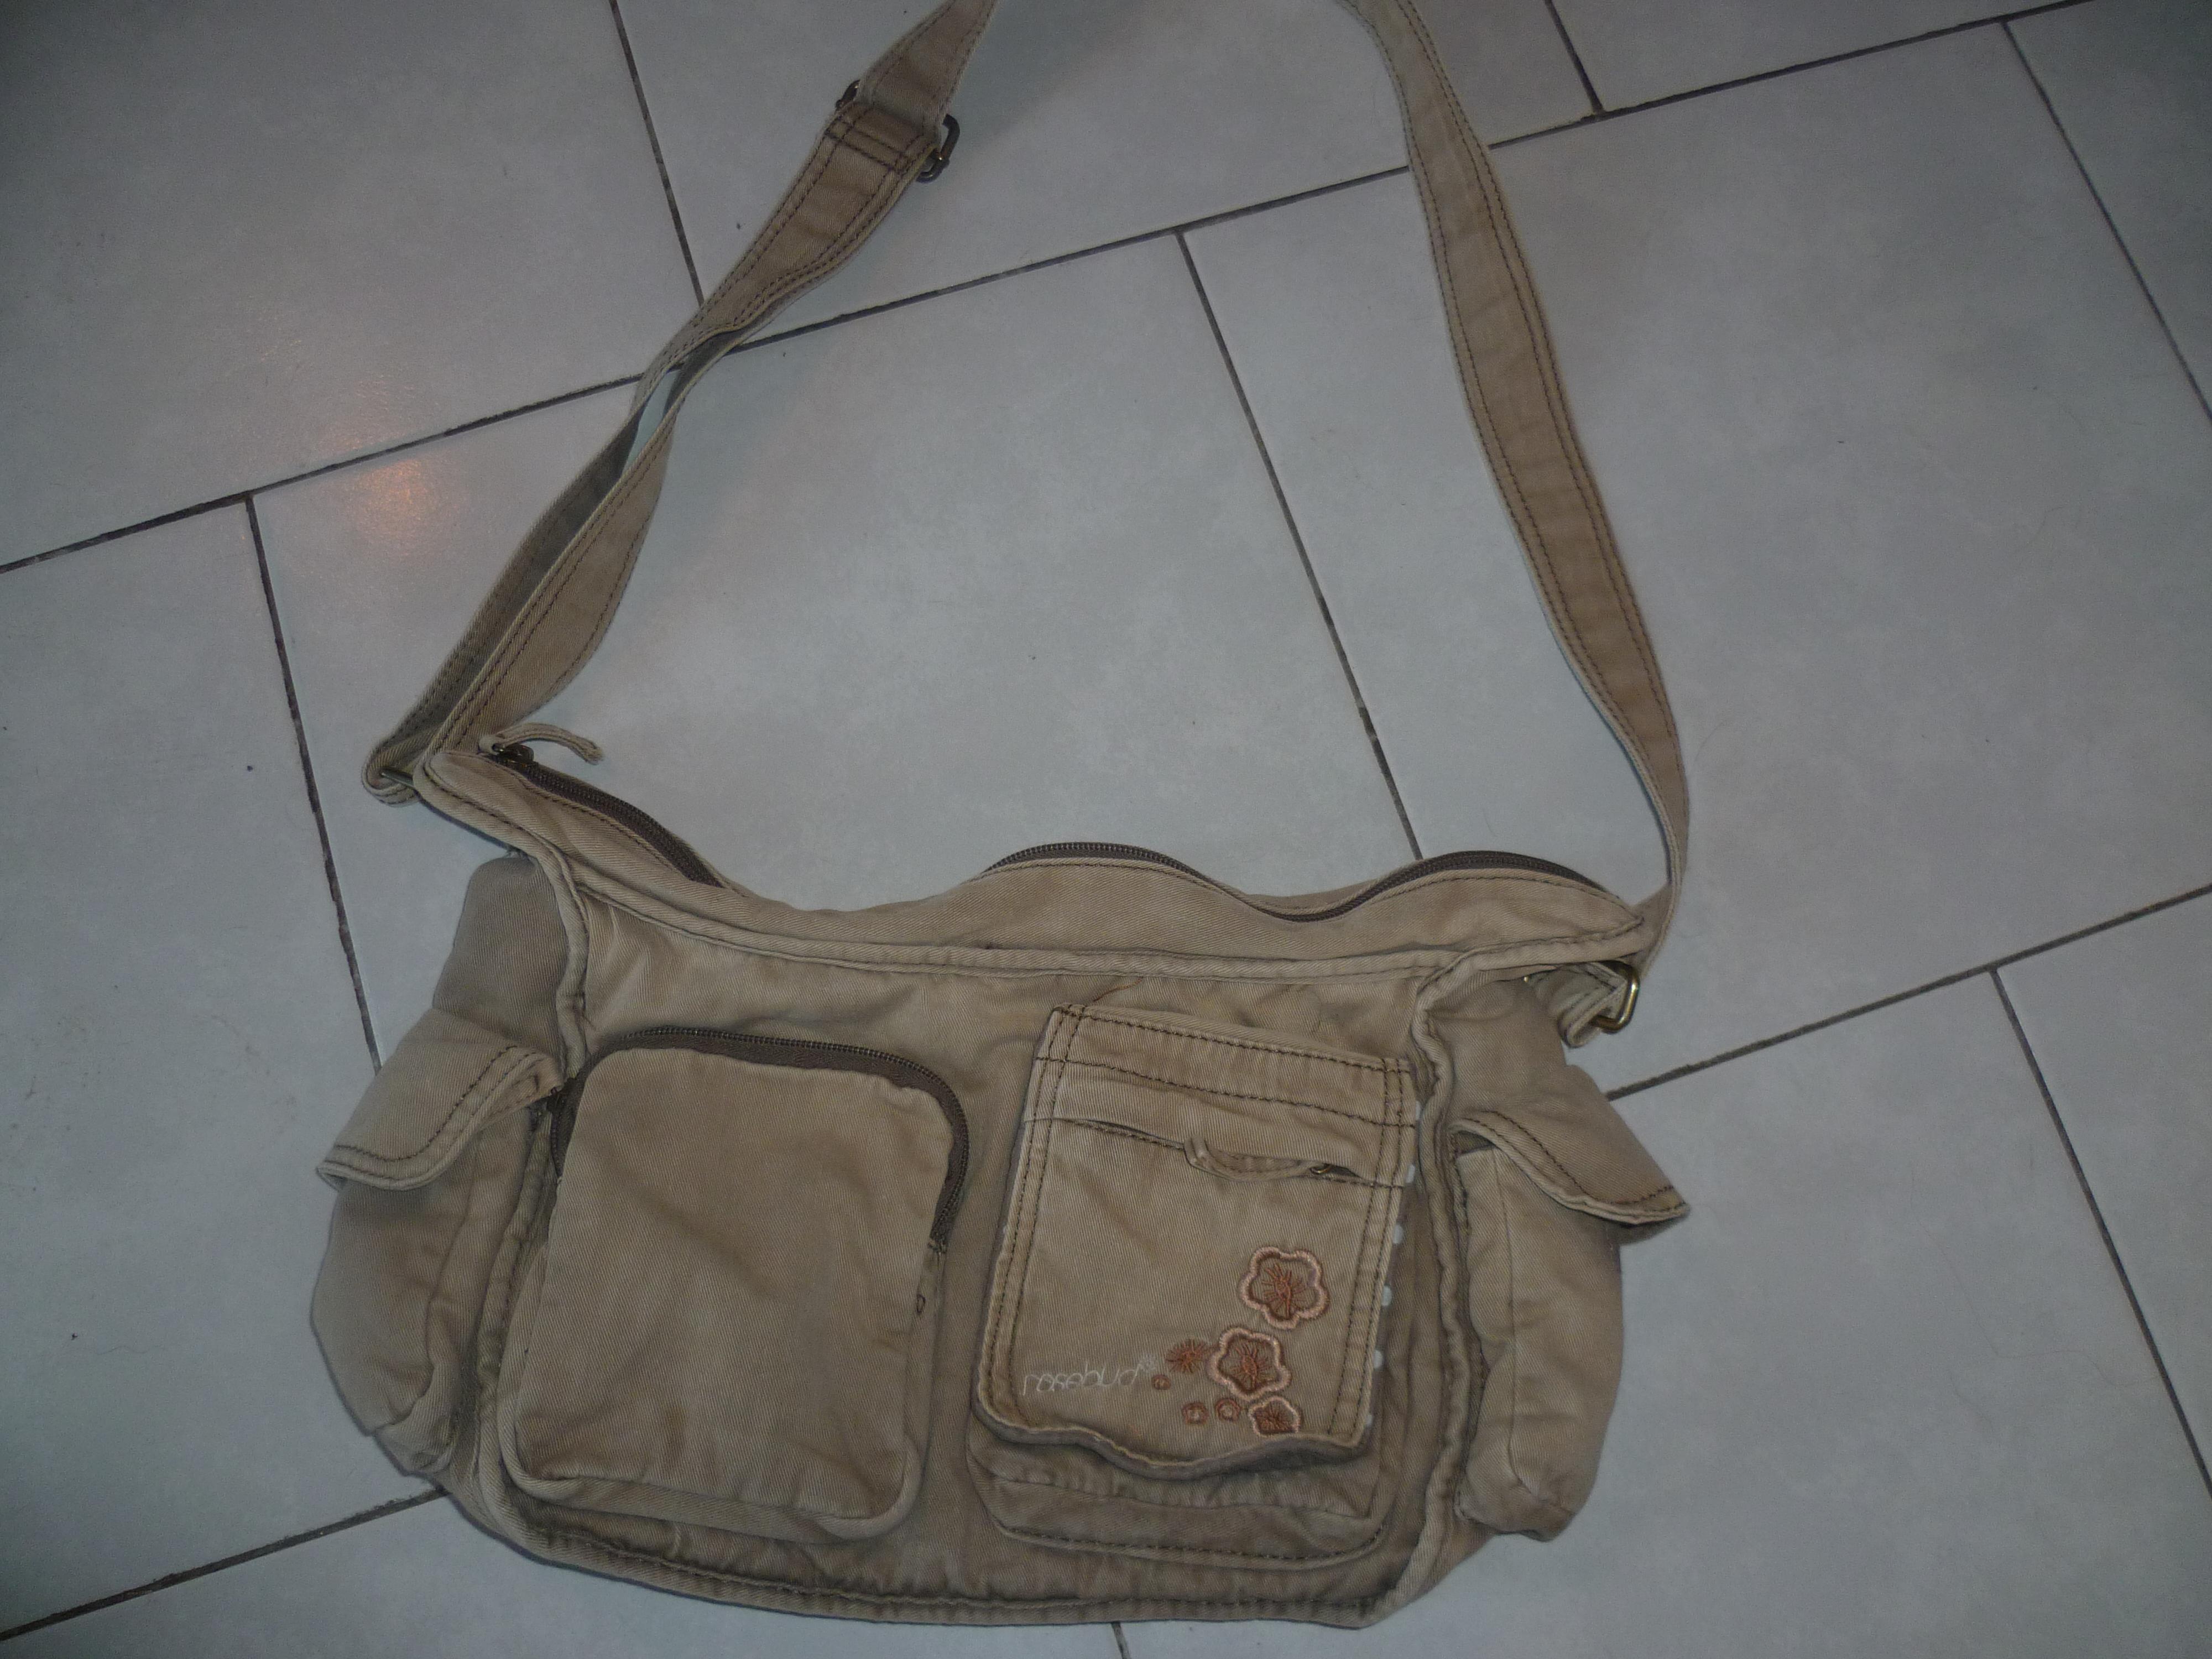 troc de troc sac à mains toile kaki image 0